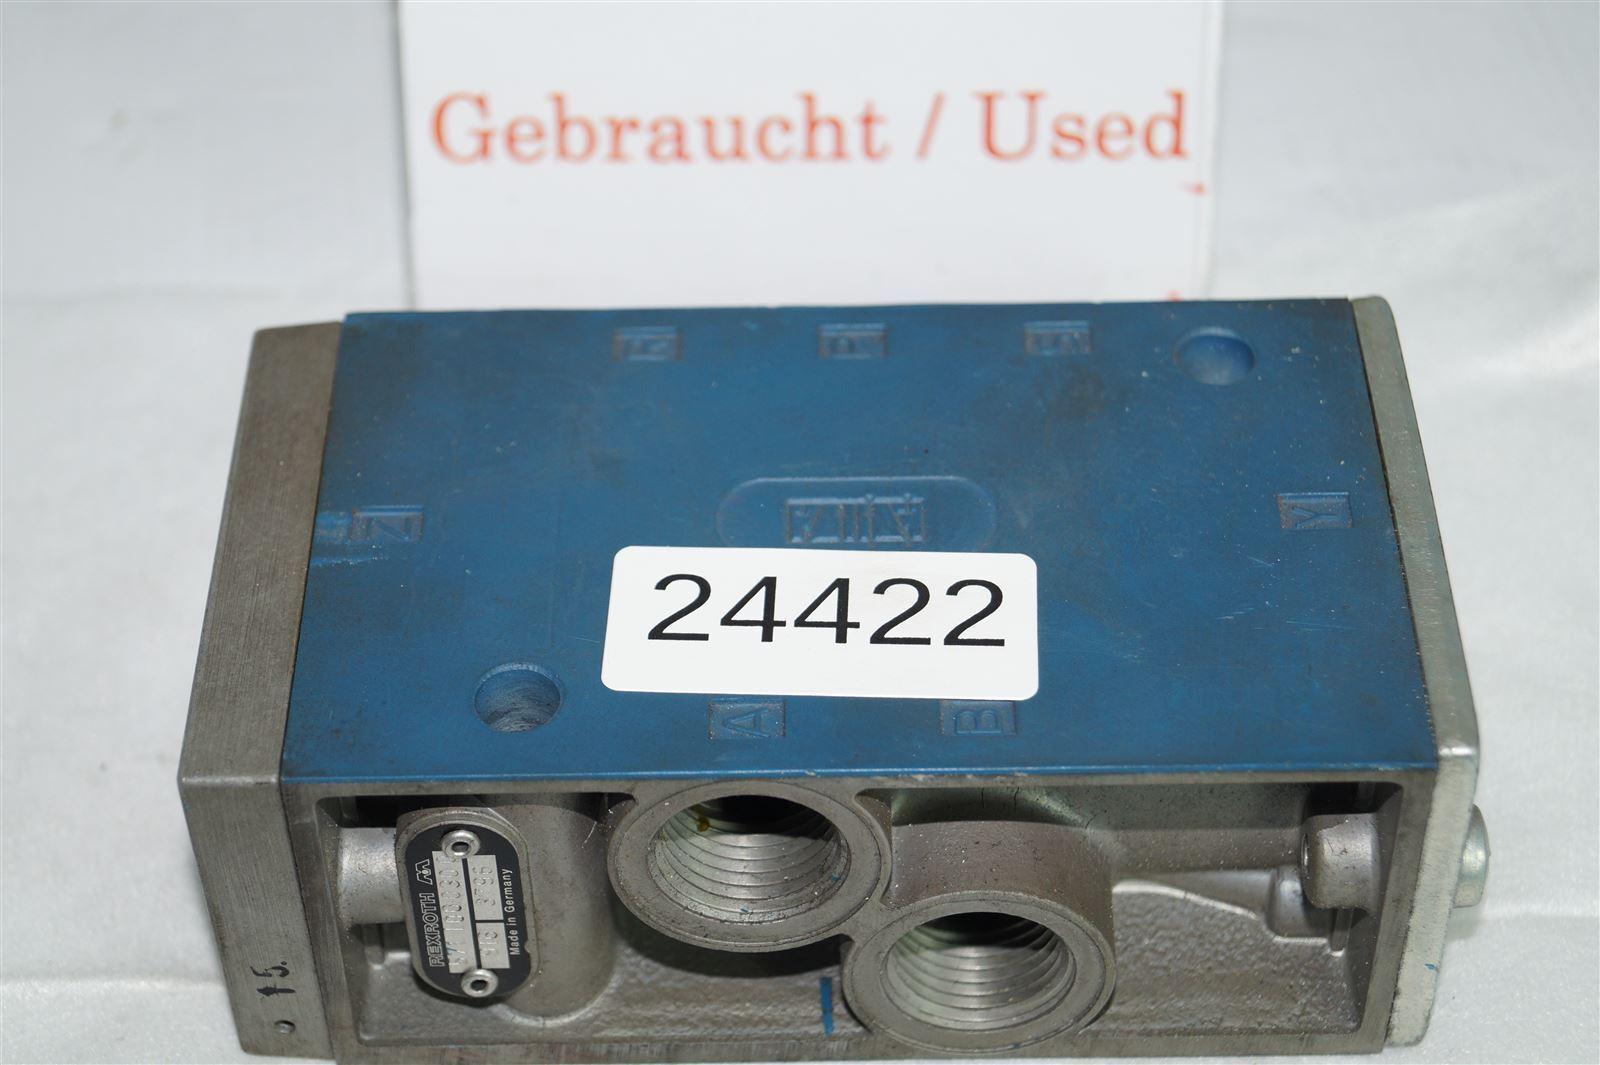 Rexredh 571 100 0 30 0 Contrôleur 5711000300